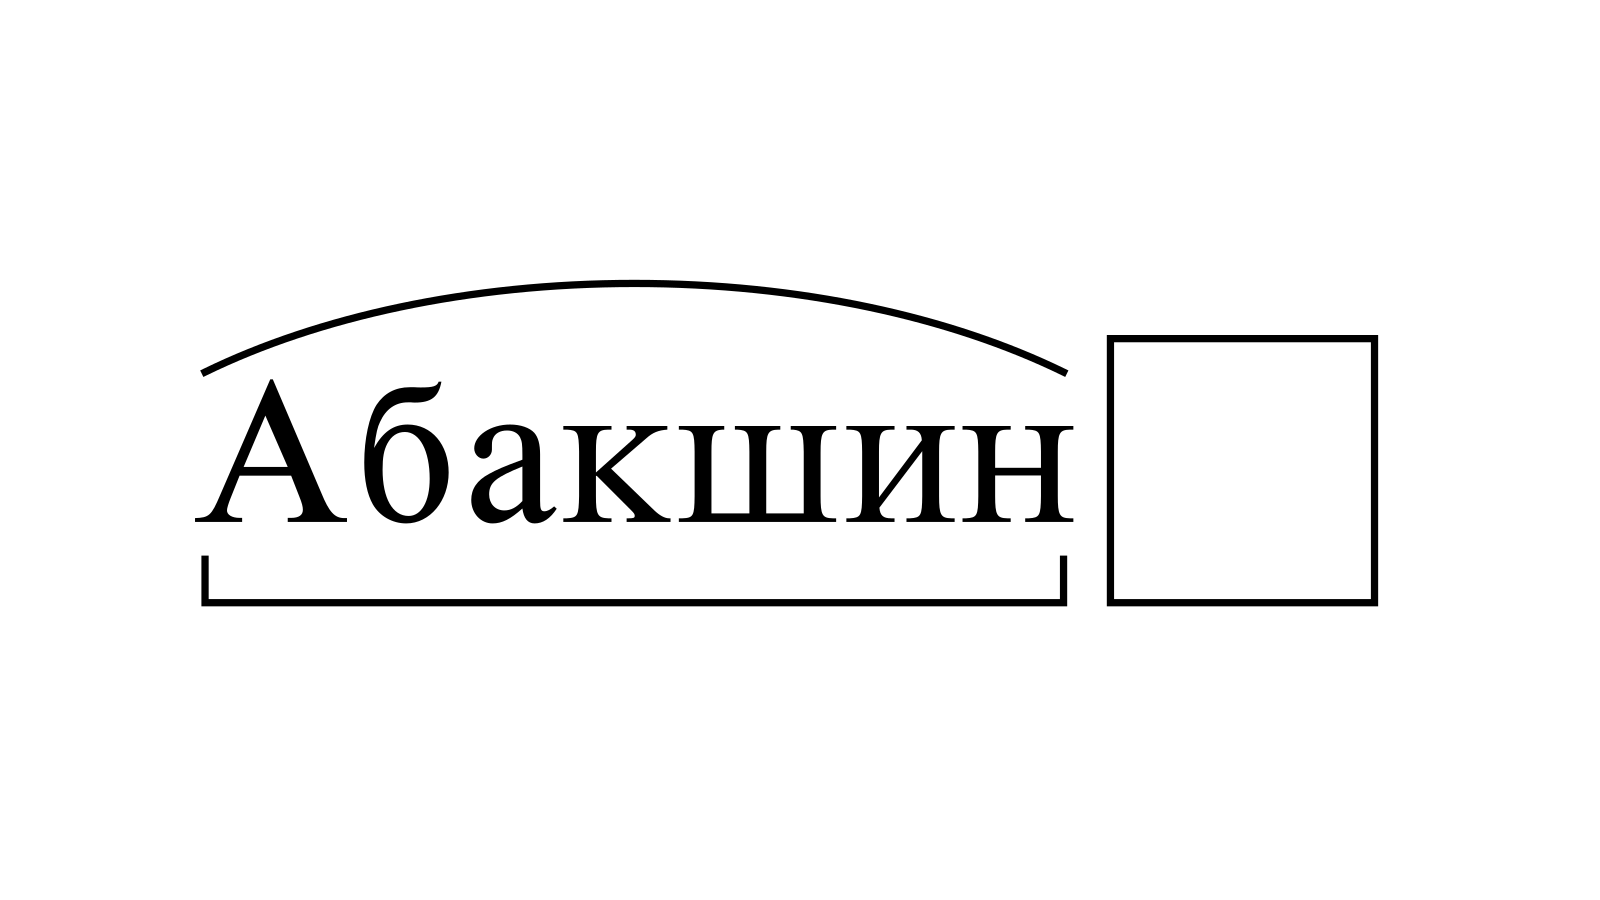 Разбор слова «Абакшин» по составу